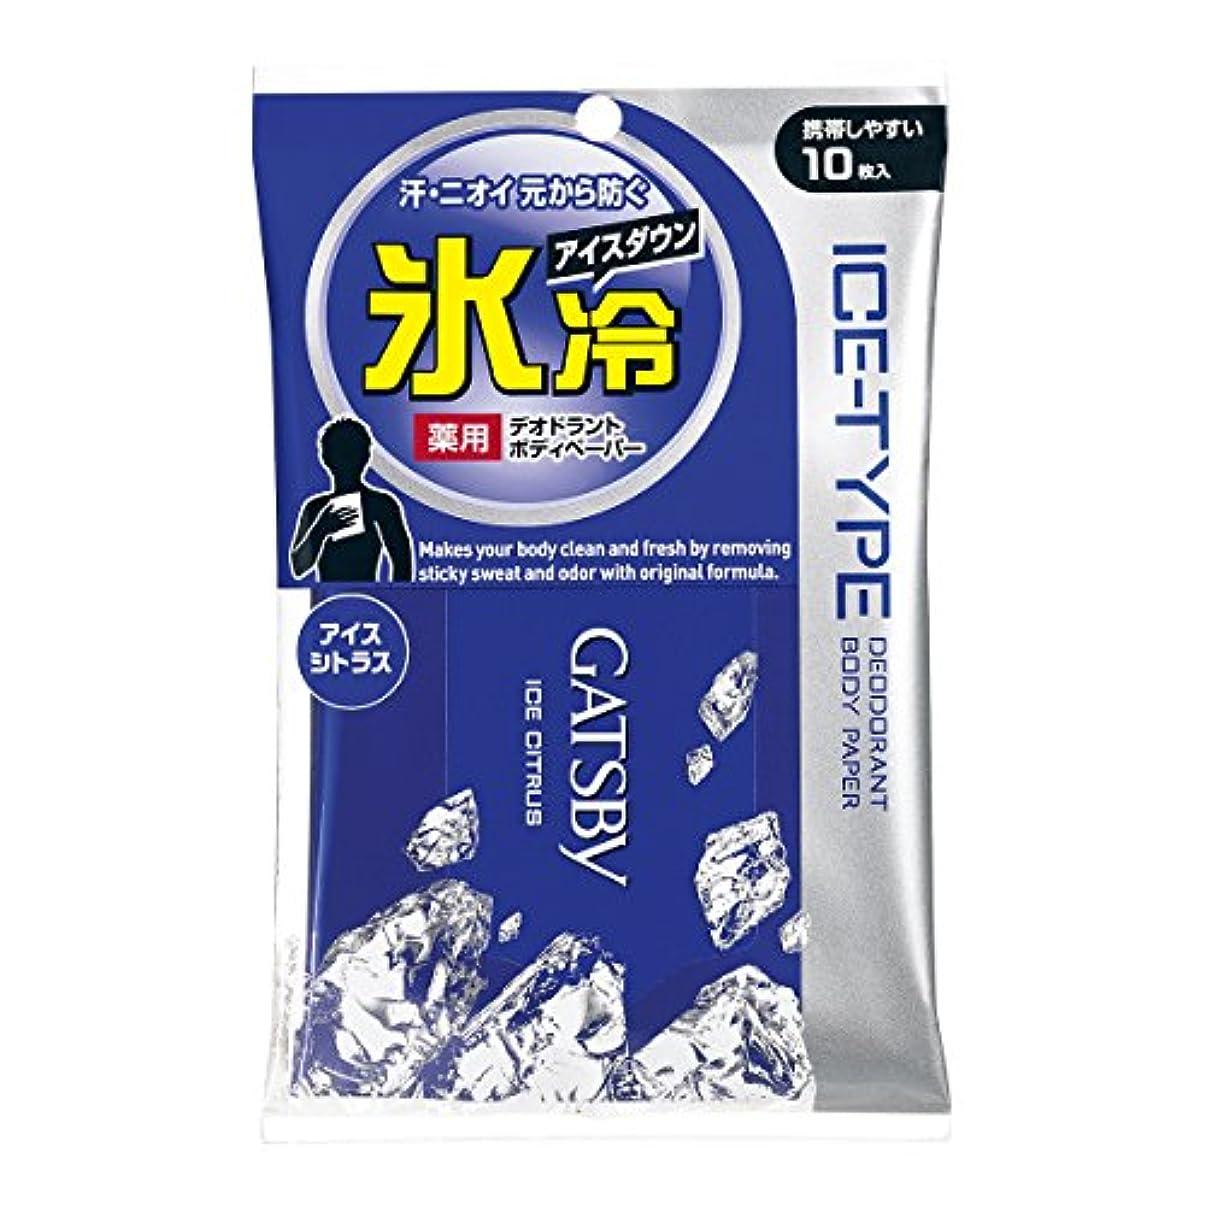 ビジター大邸宅花束GATSBY(ギャツビー) アイスデオドラント ボディペーパー アイスシトラス 10枚 (医薬部外品)